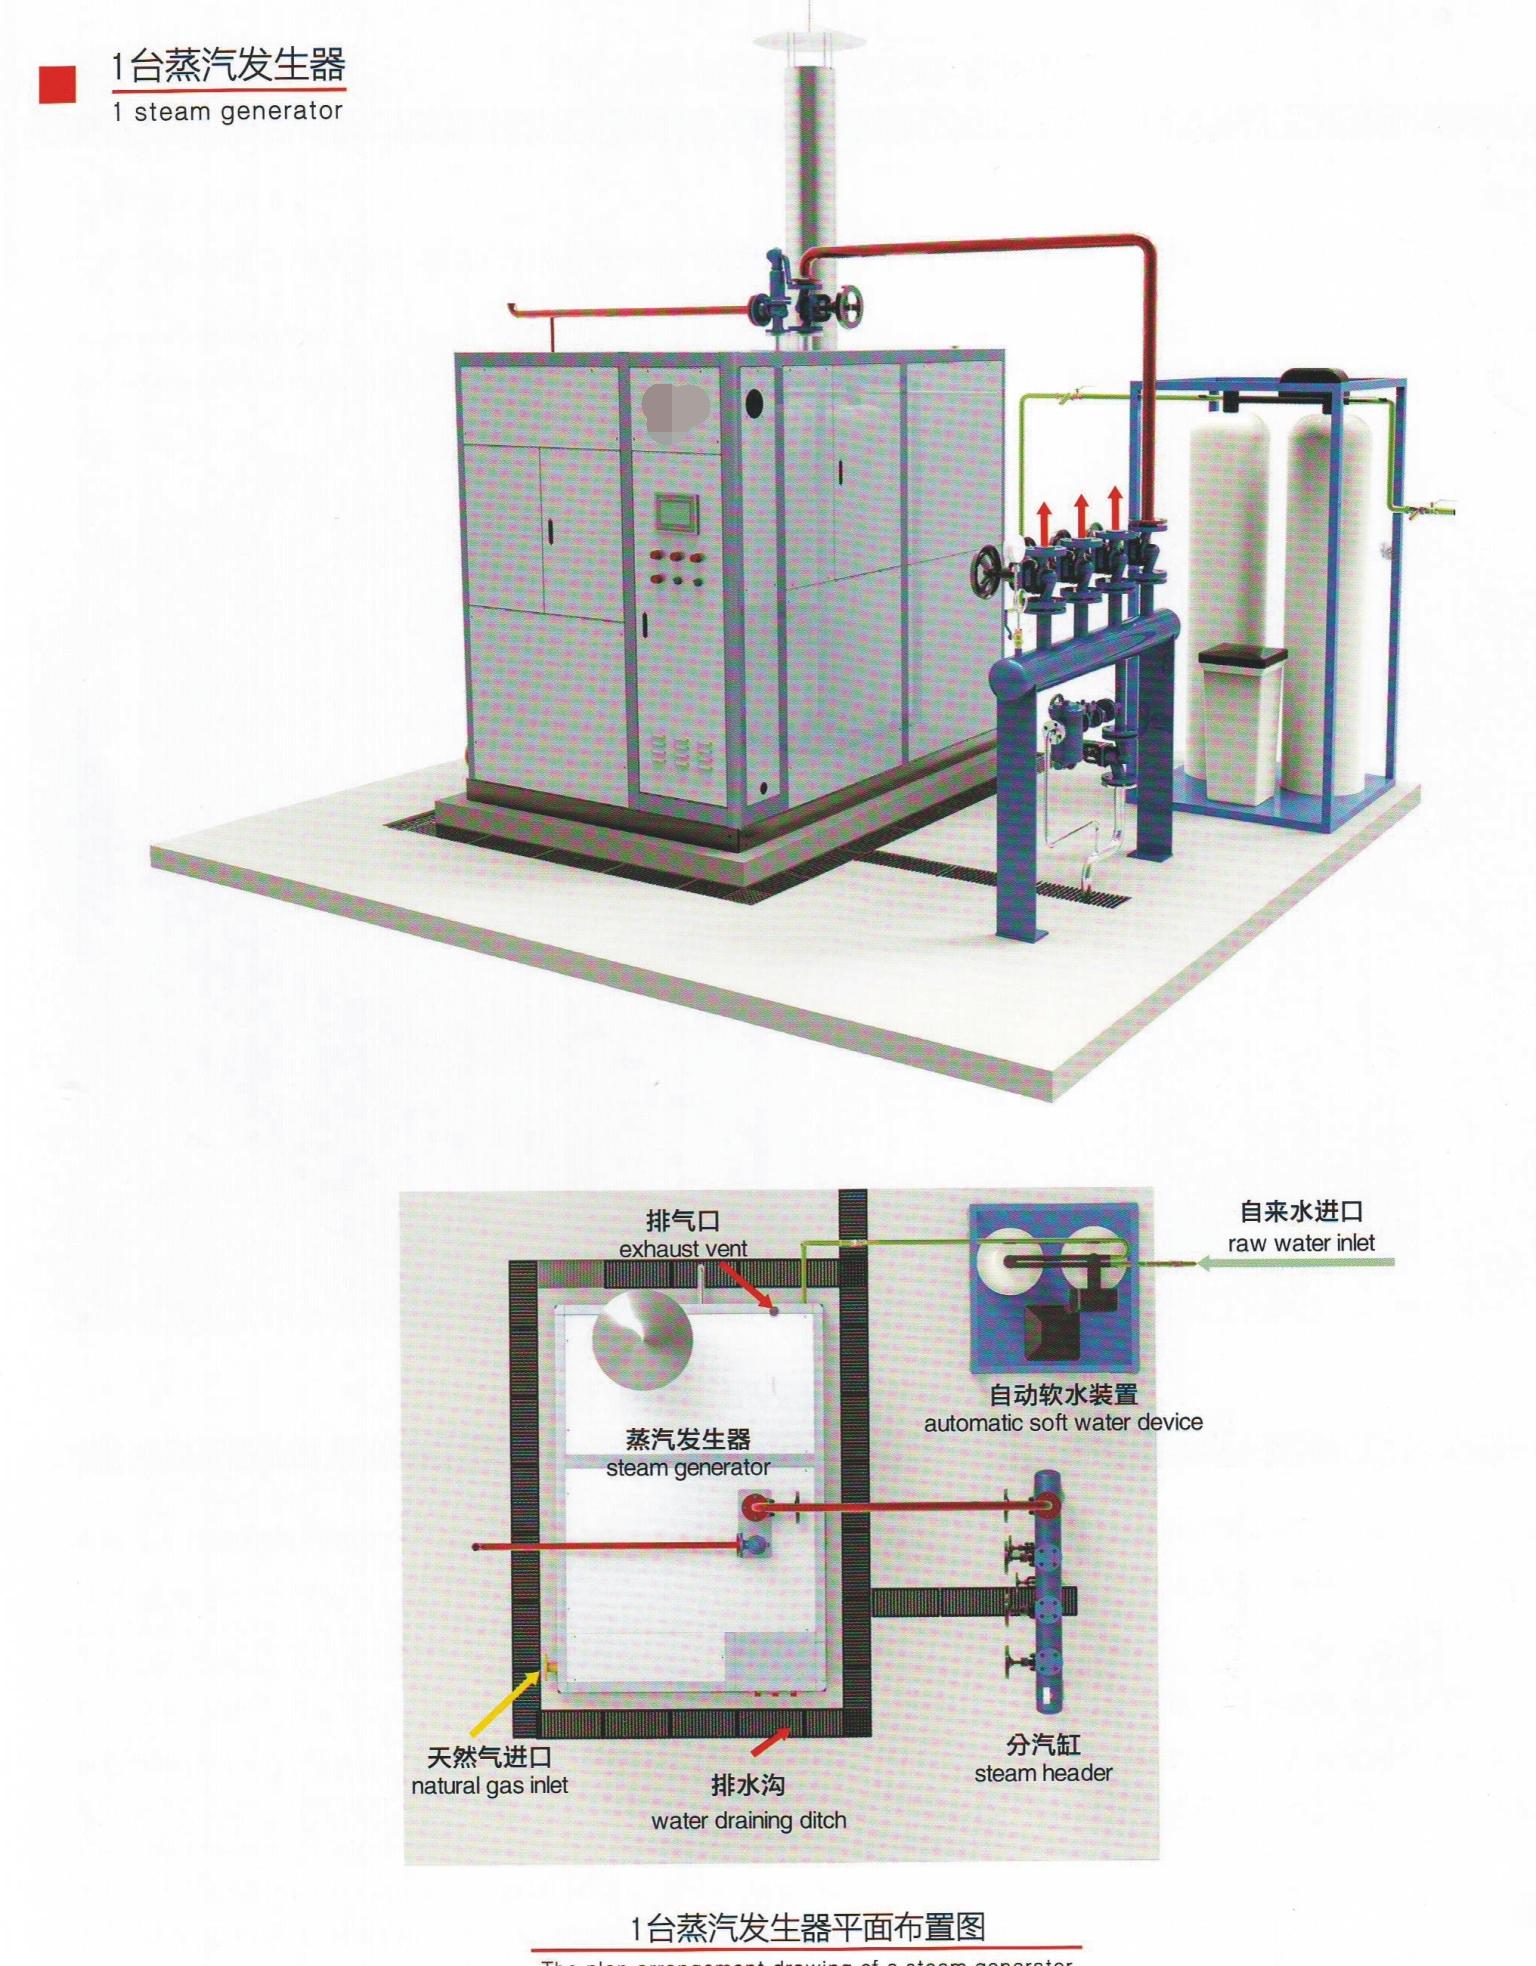 蒸汽发生器16-1-1.jpg